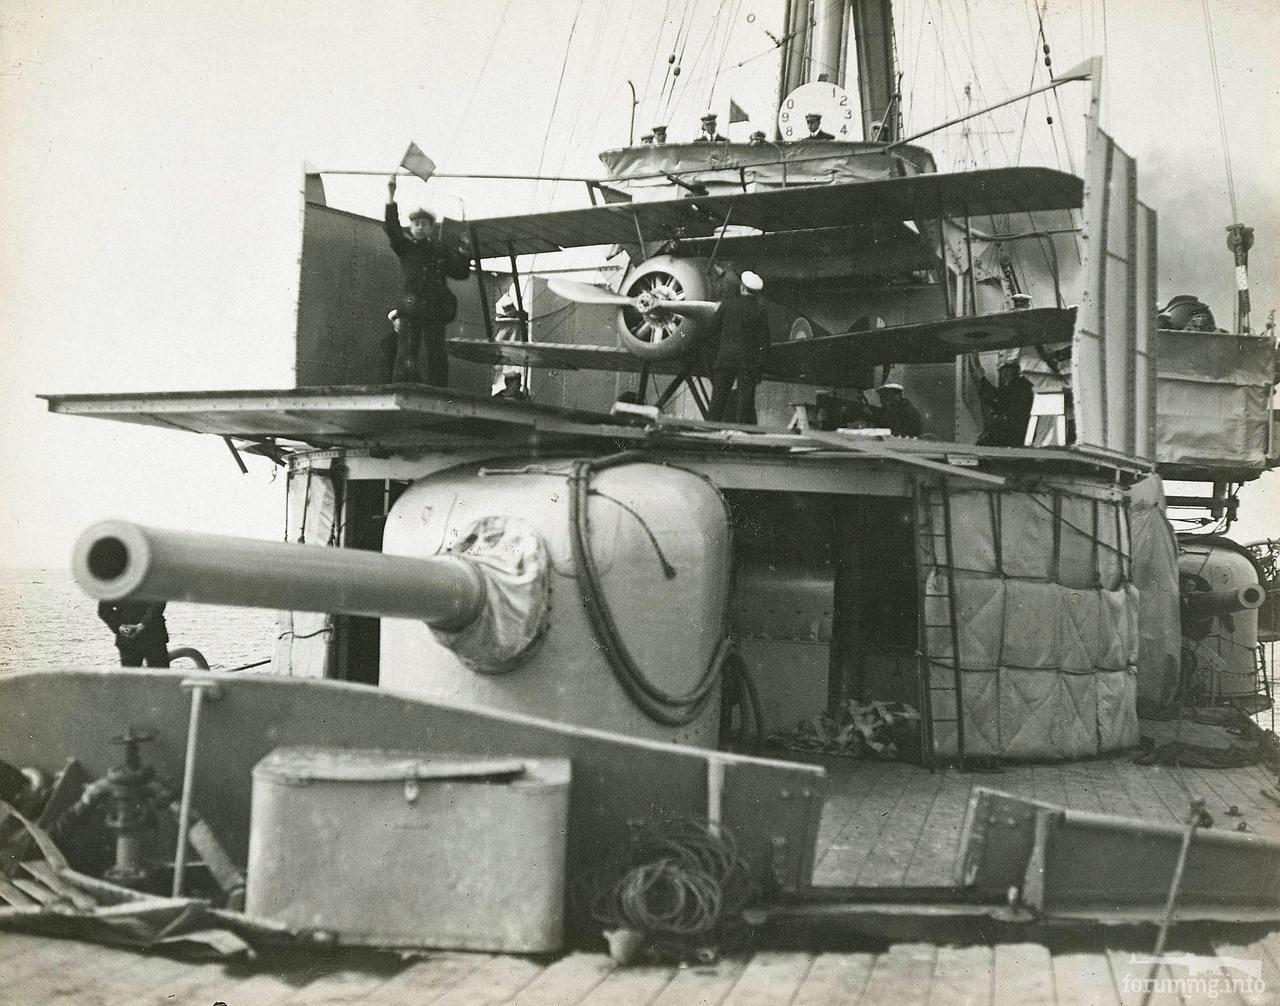 129587 - Аэроплан легкого крейсера HMAS Sydney перед взлетом.